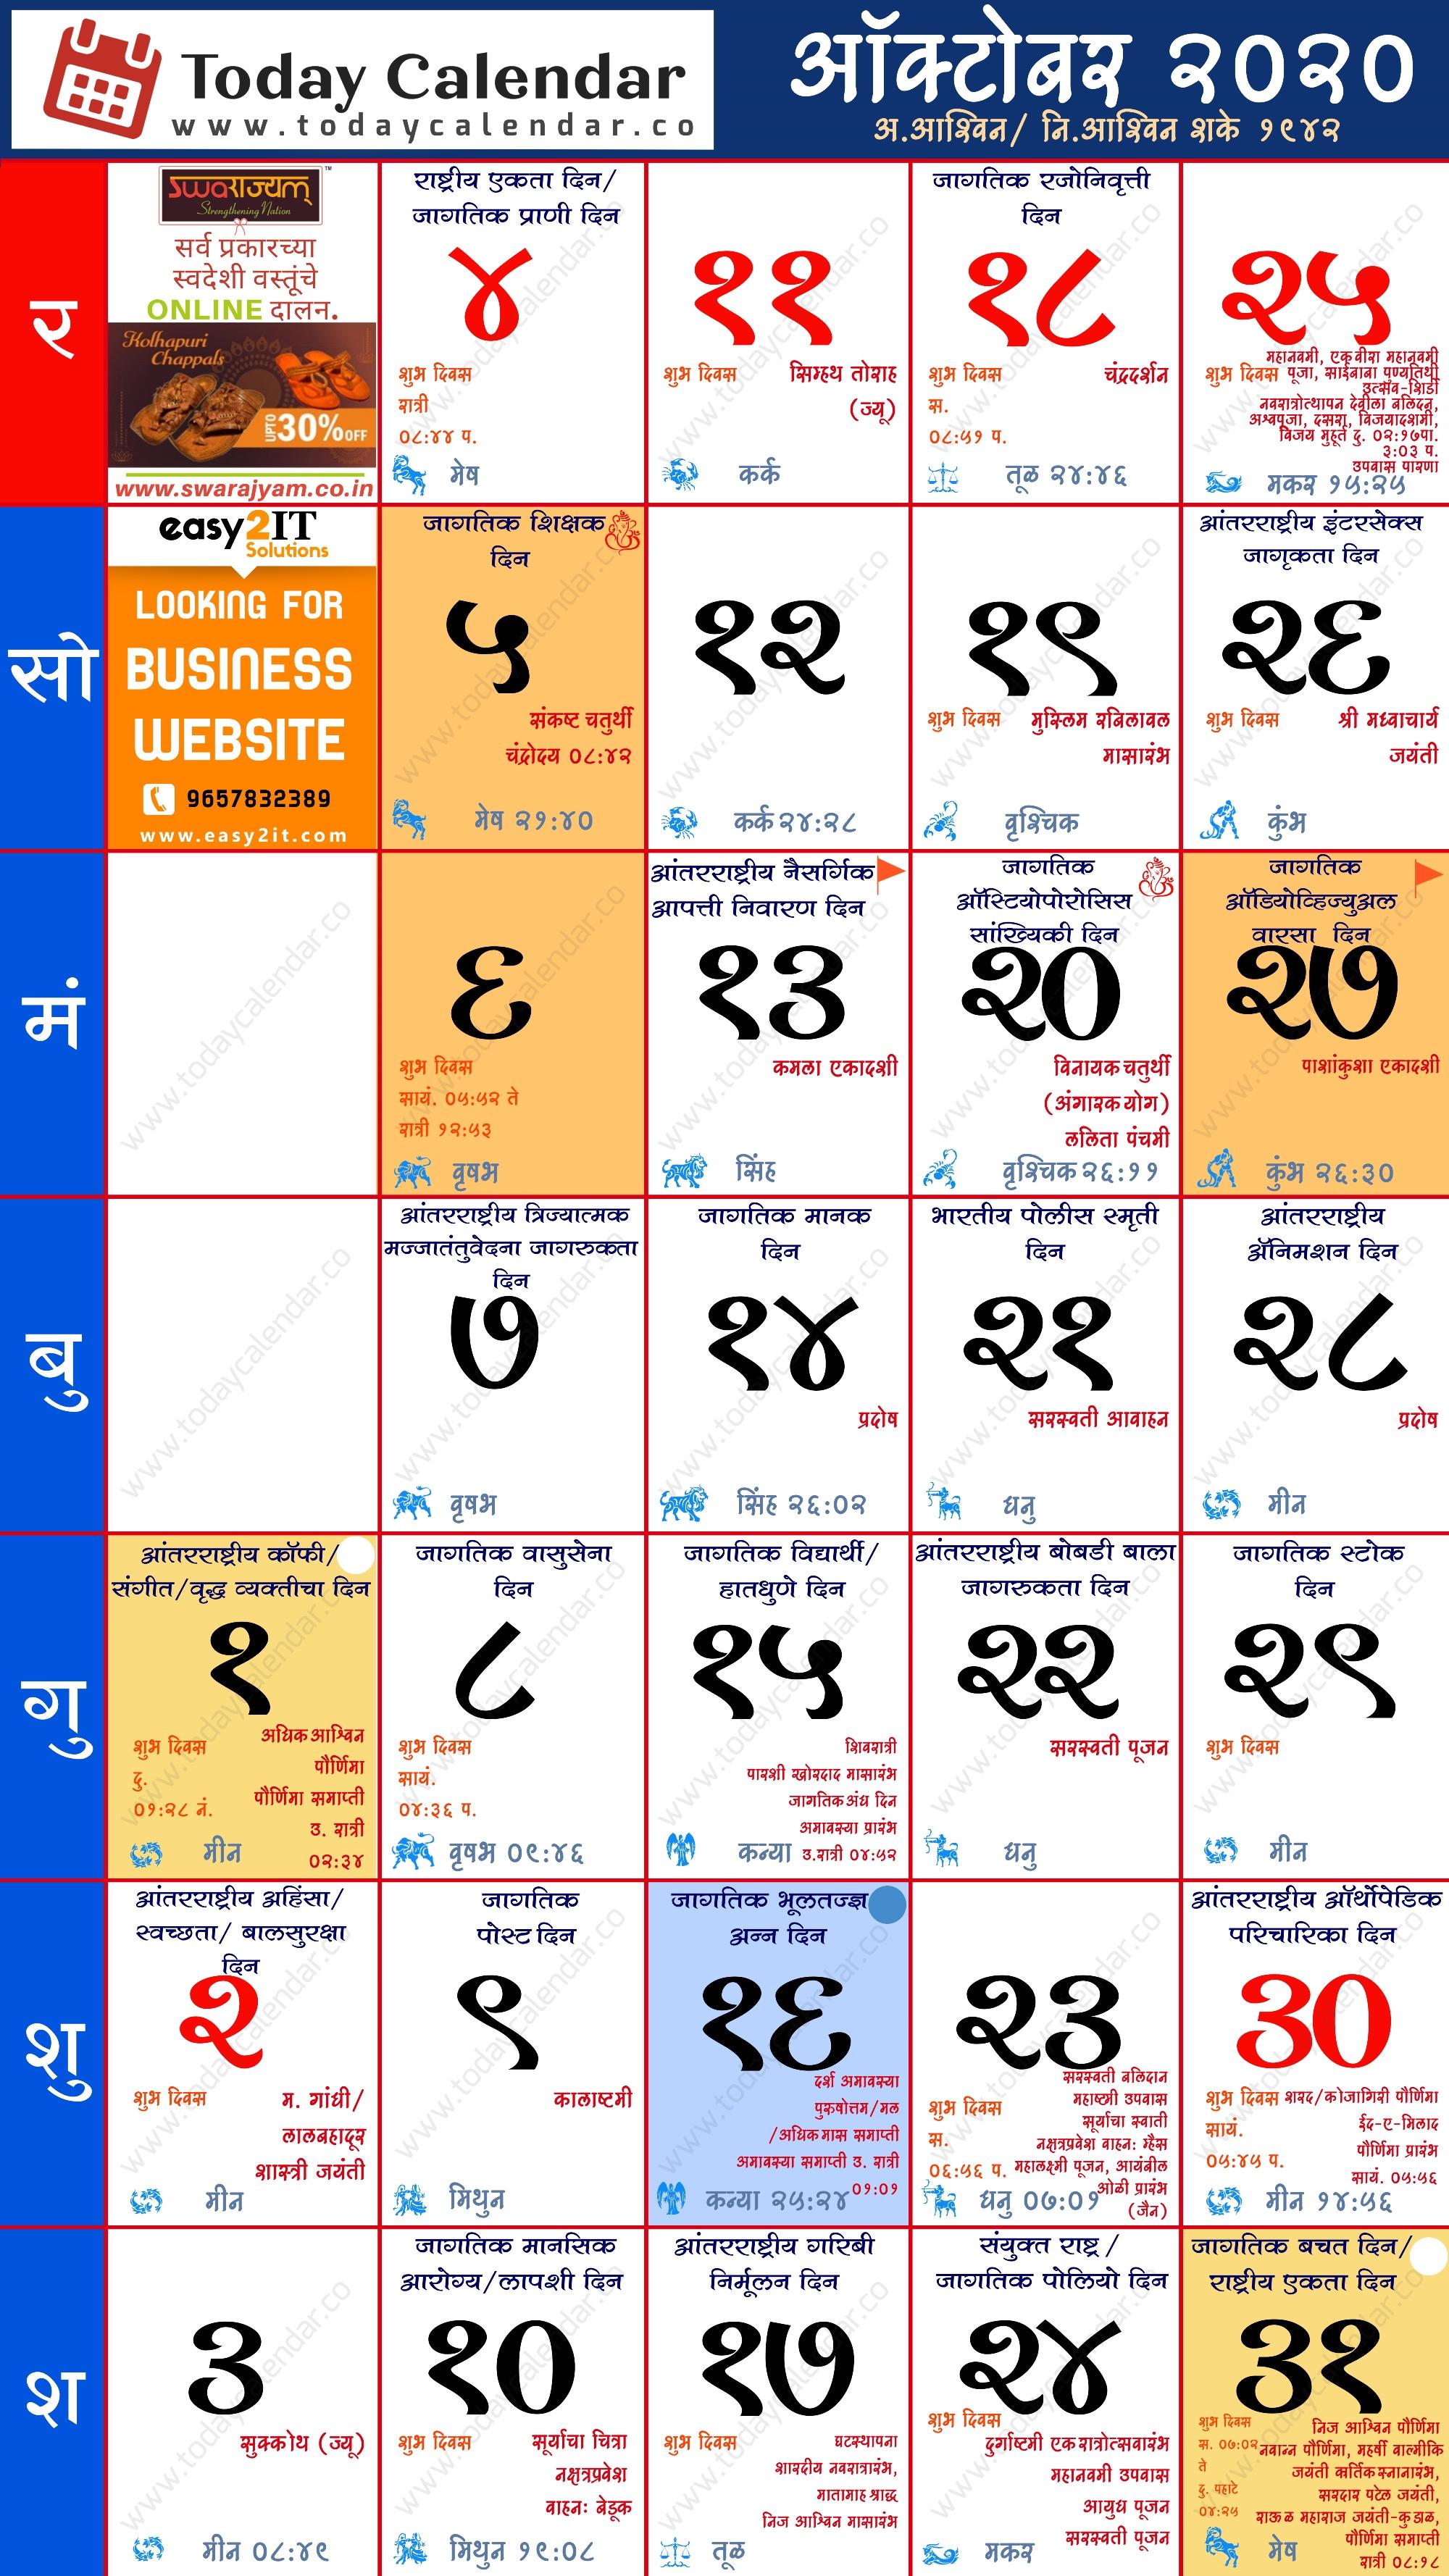 October marathi calendar 2020 todaycalendar